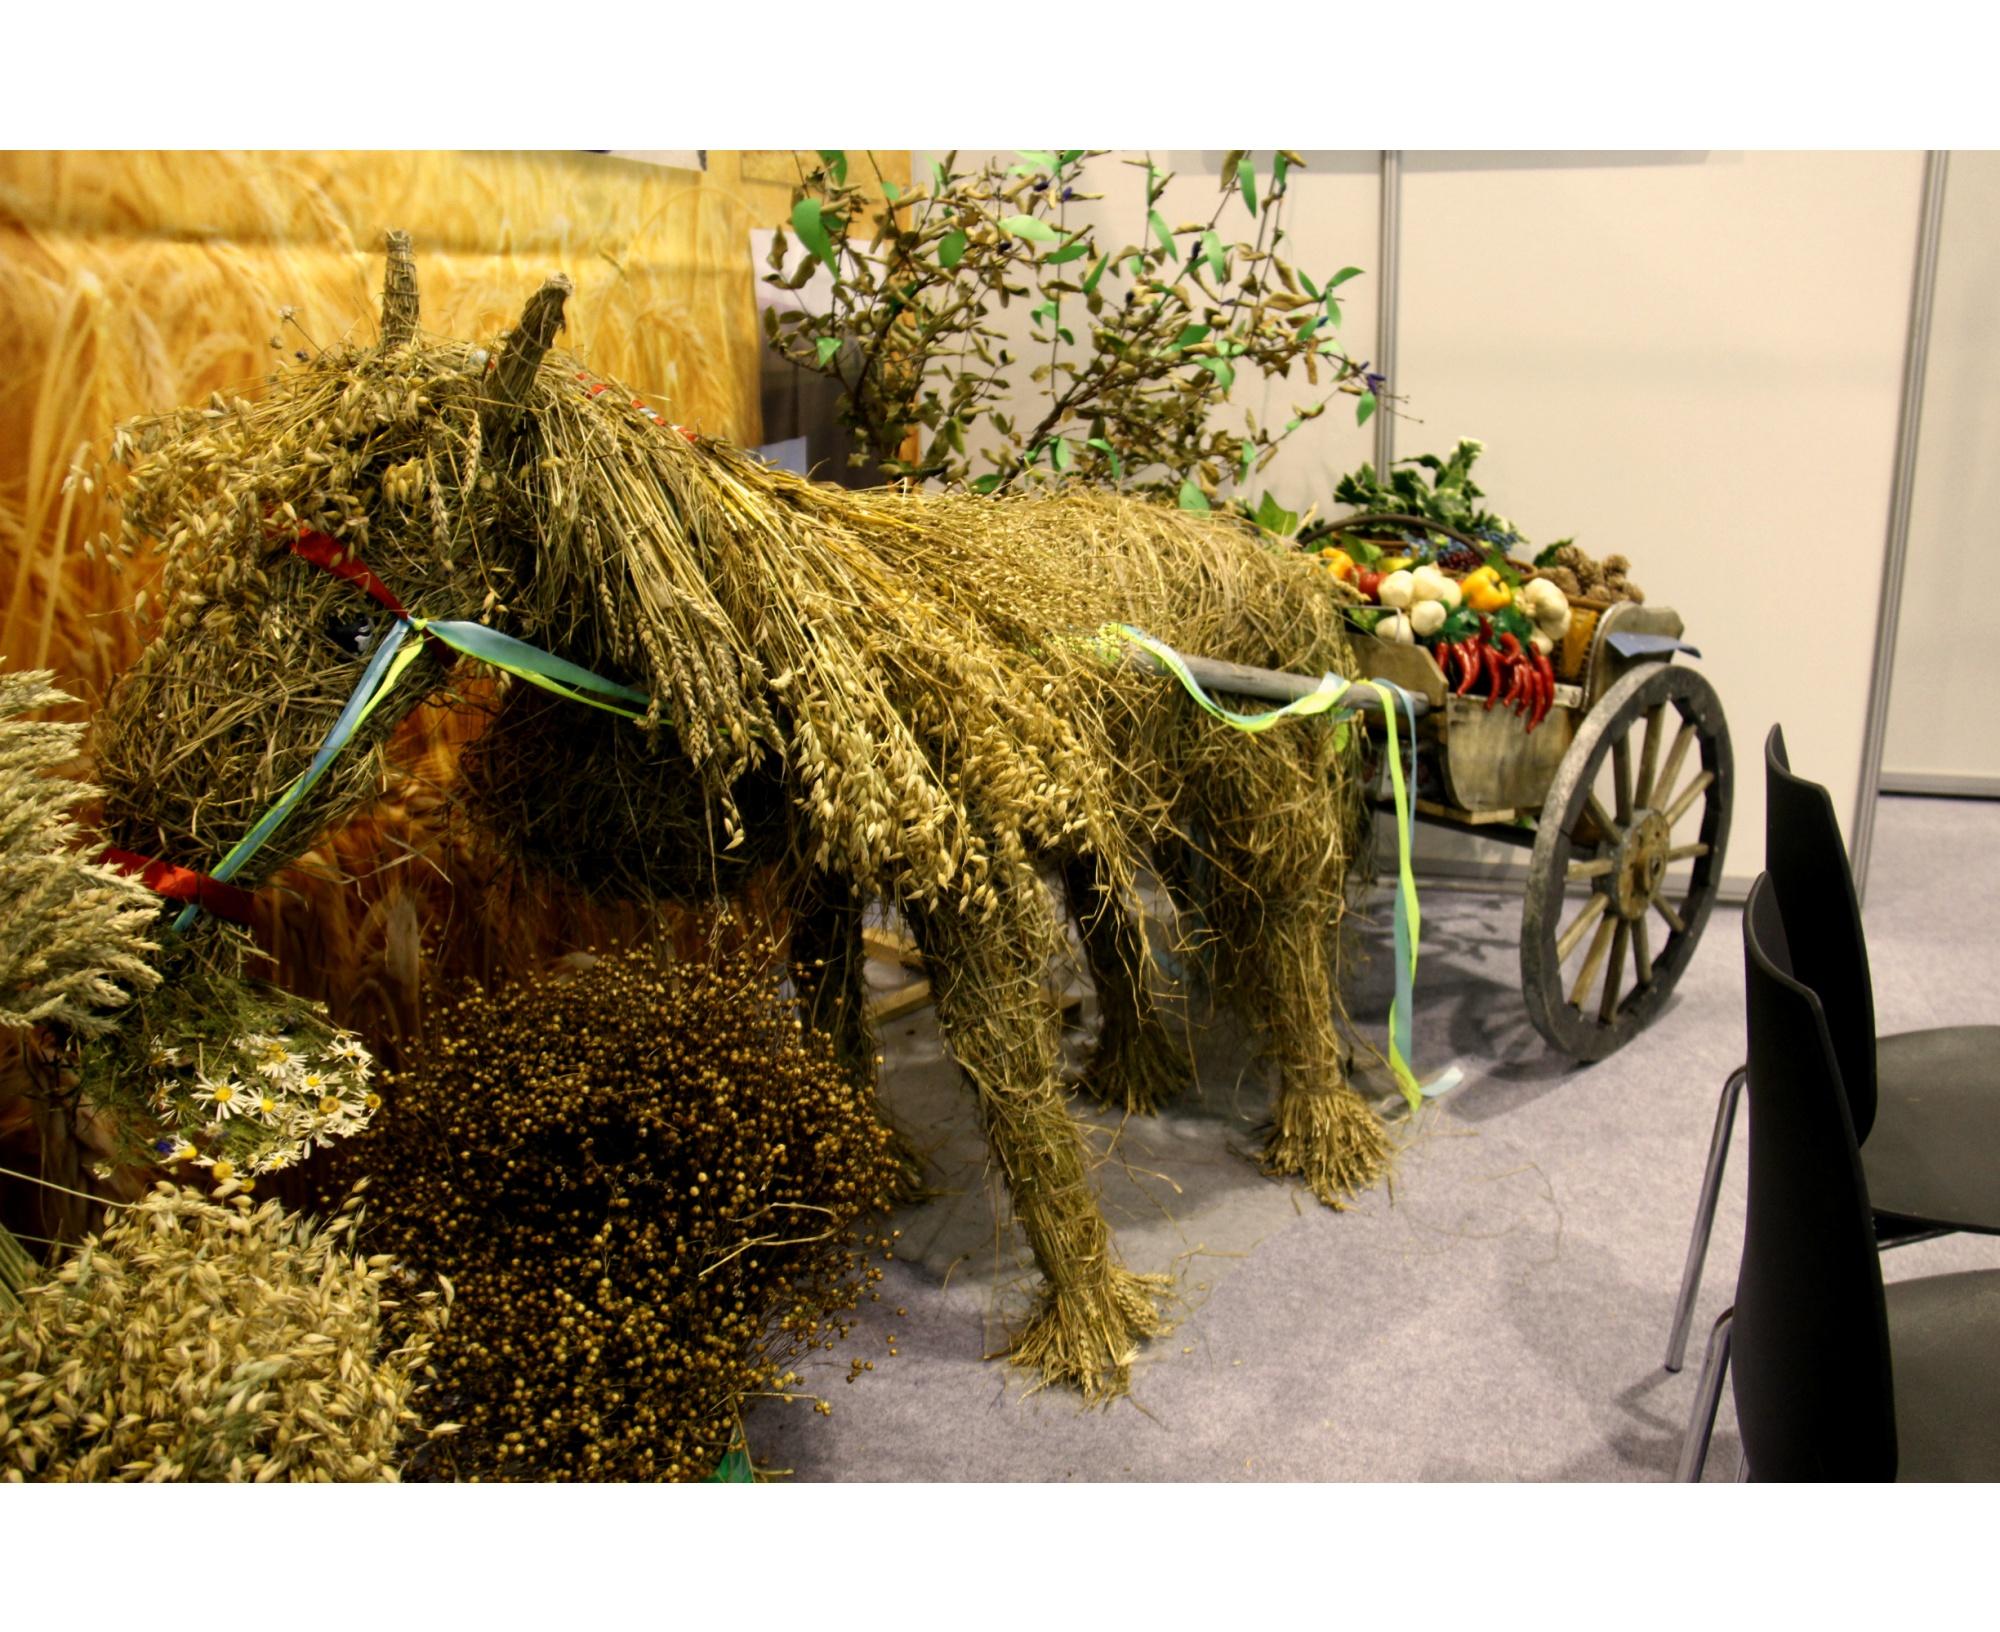 Соломенный конь не самоцель — он везет тележку с овощами